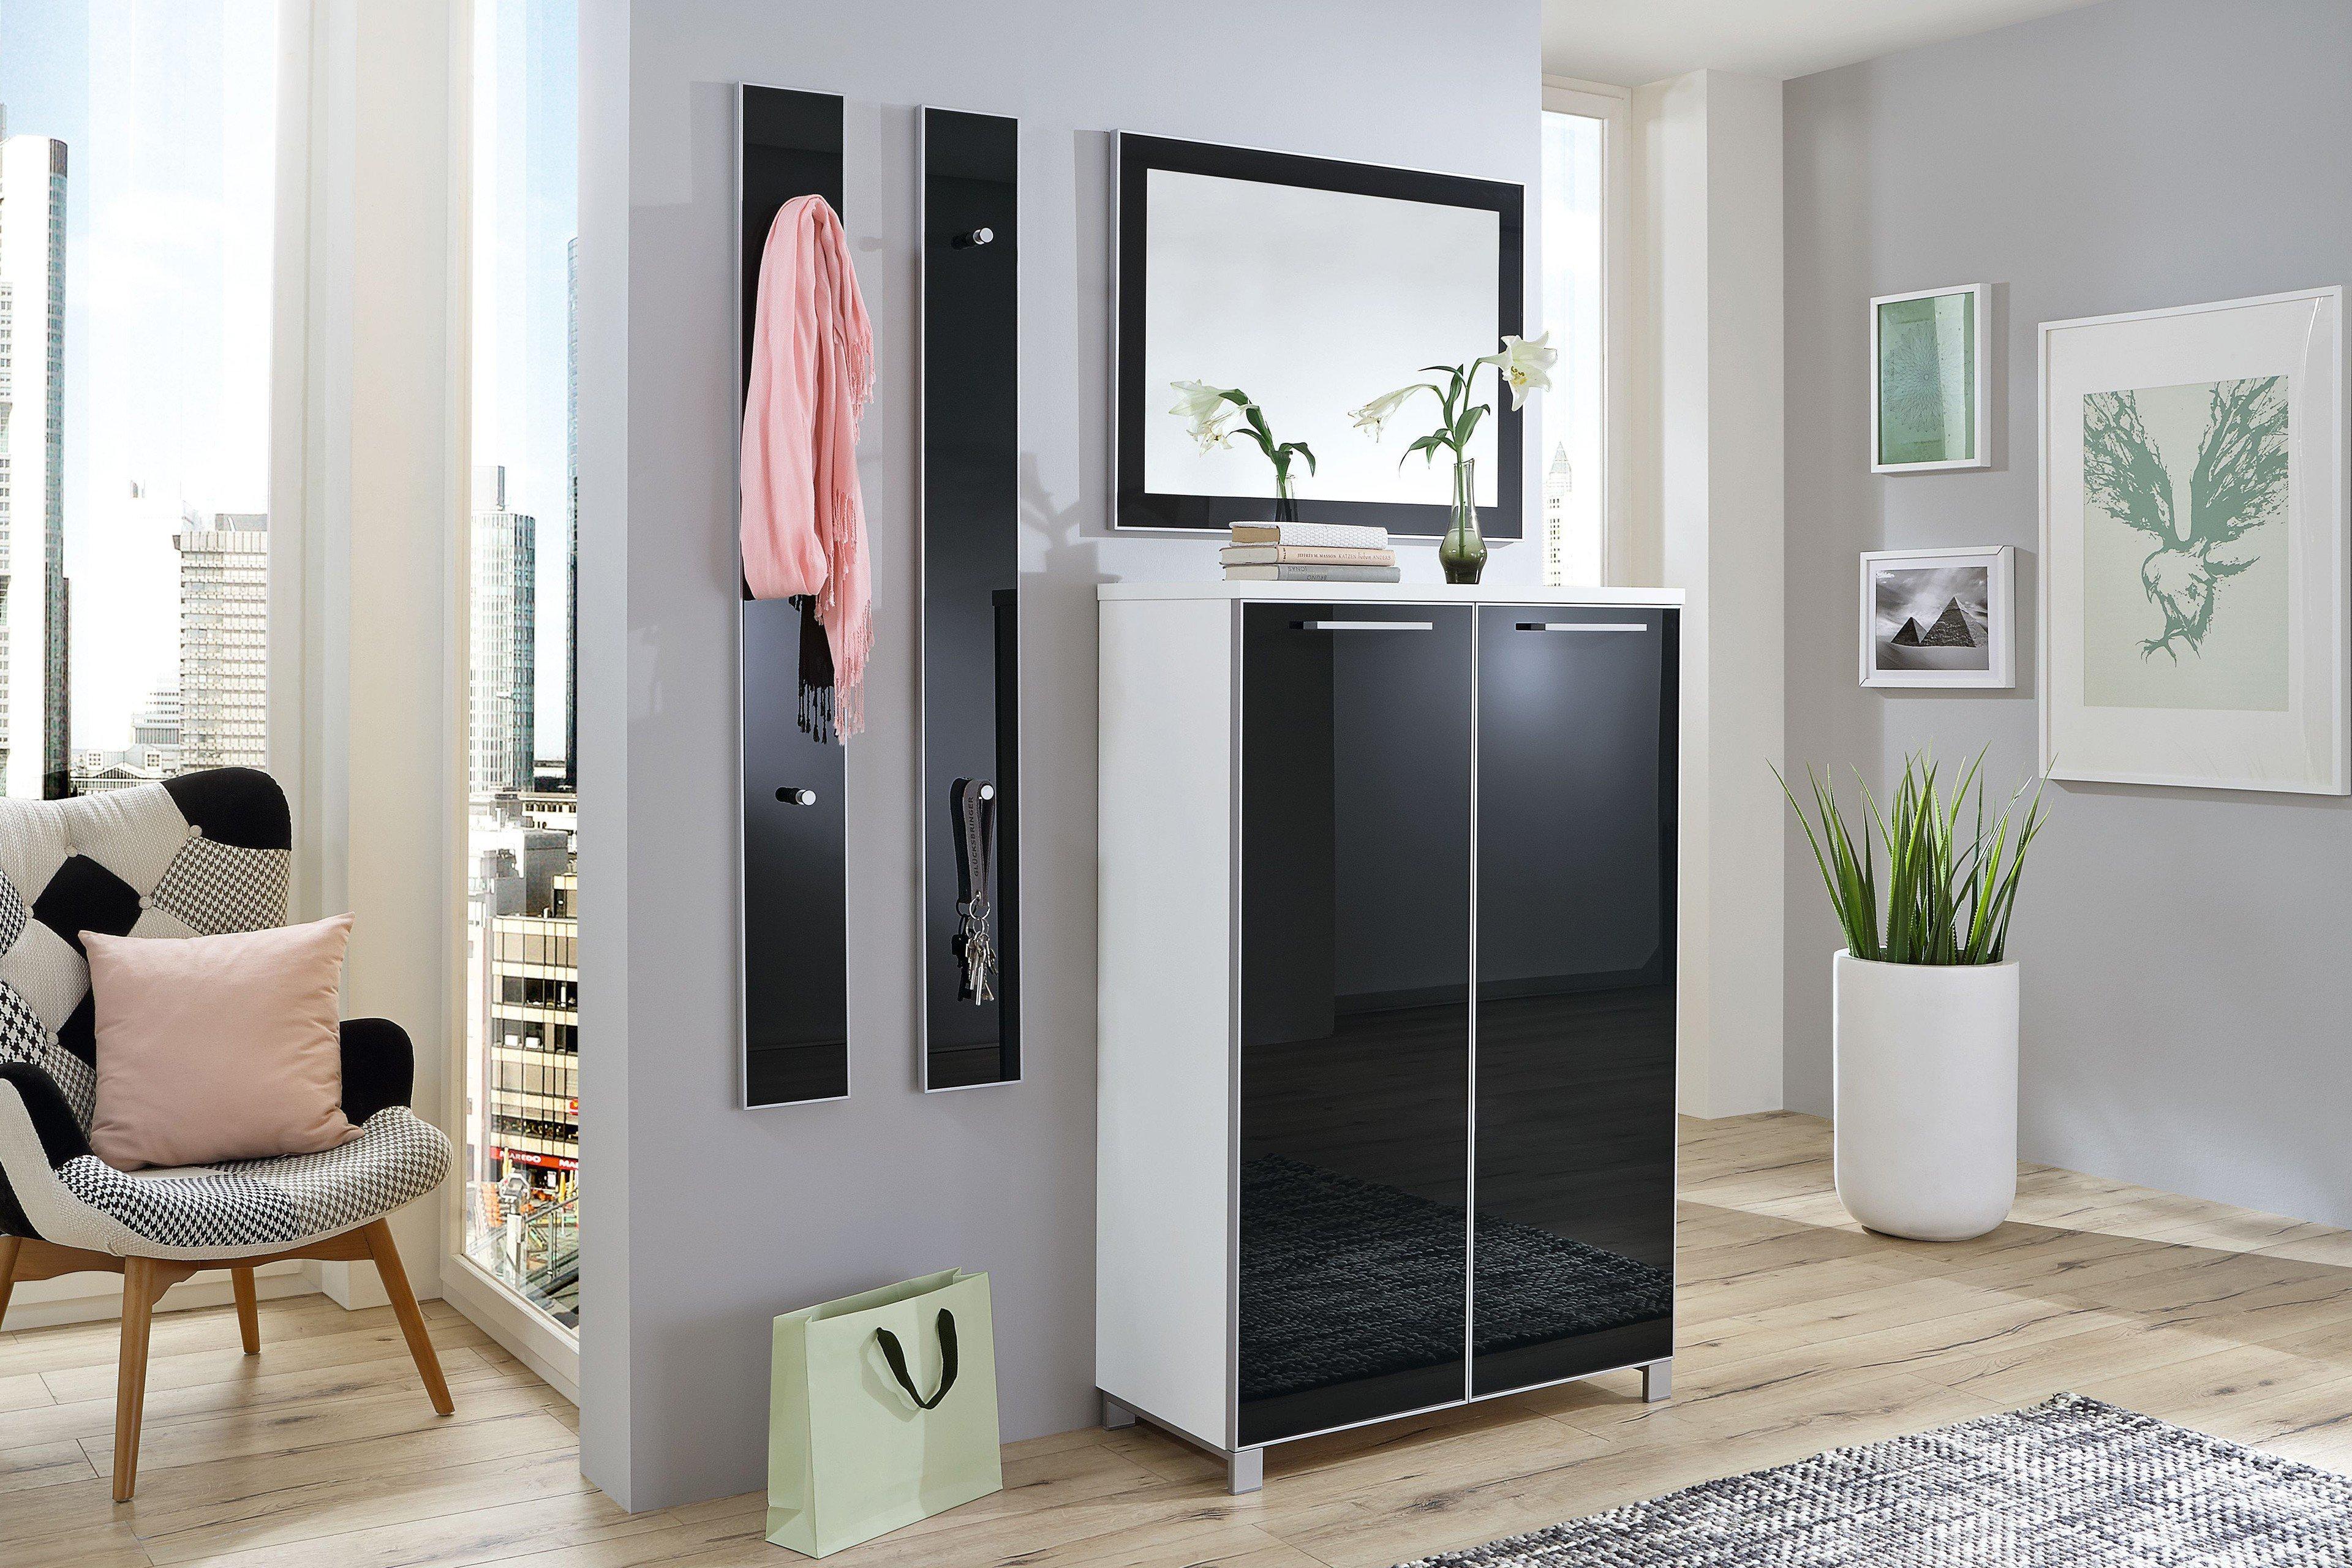 garderobe santina lack wei anthrazit von voss m bel. Black Bedroom Furniture Sets. Home Design Ideas